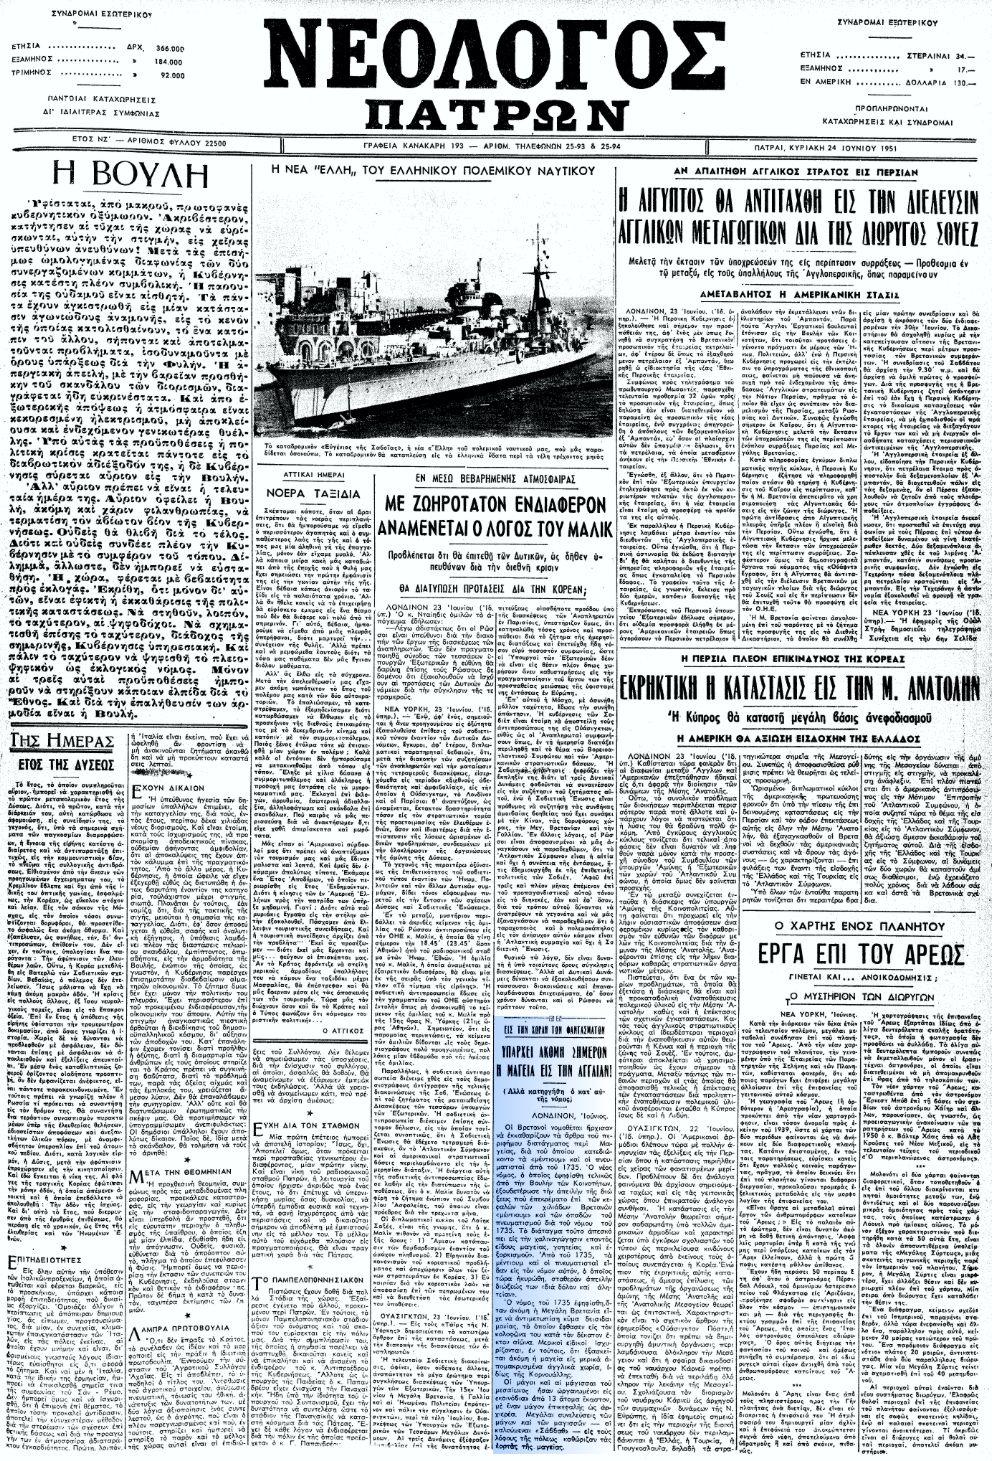 """Το άρθρο, όπως δημοσιεύθηκε στην εφημερίδα """"ΝΕΟΛΟΓΟΣ ΠΑΤΡΩΝ"""", στις 24/06/1951"""